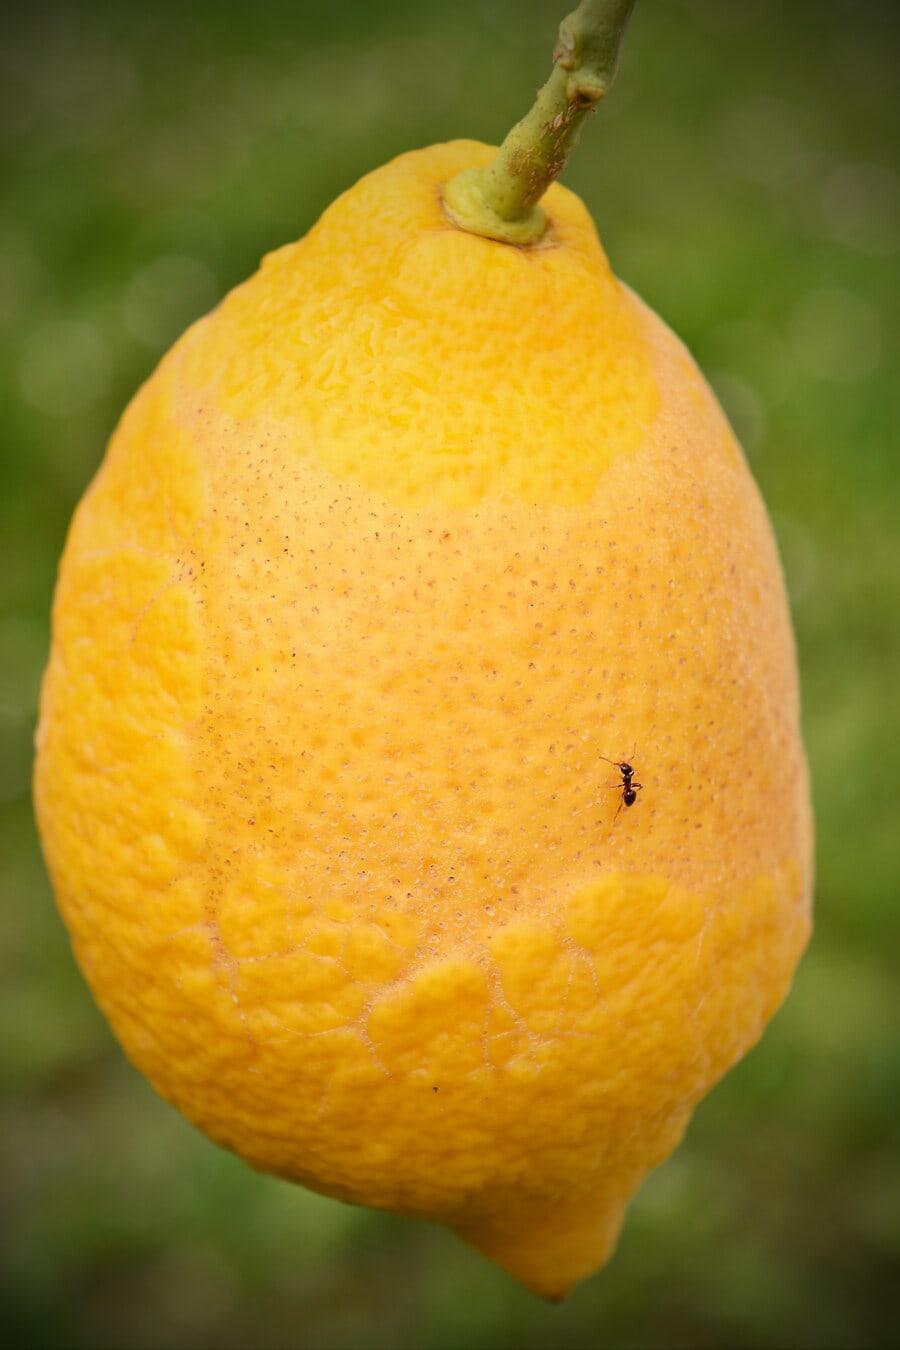 Obstbaum, Obst, groß, Zitrone, hängende, Zweig, Ameisen, Insekt, Essen, Produkte